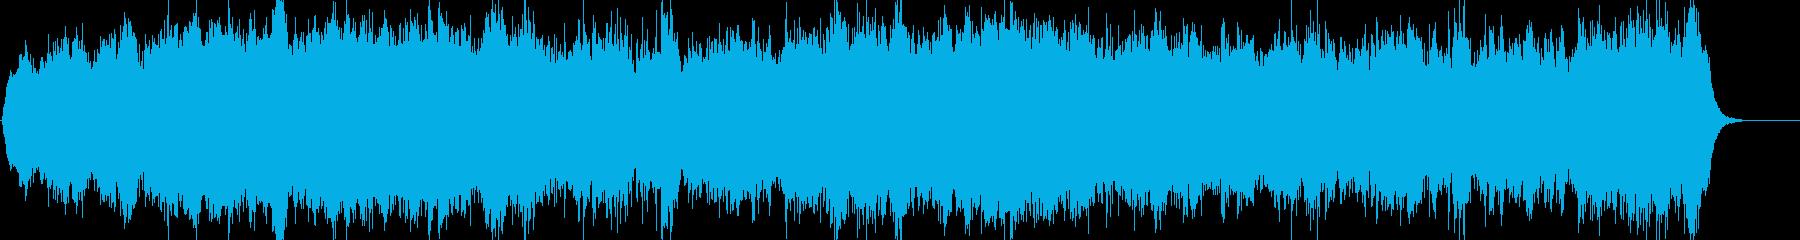 幻想的で奇妙なオーケストラアンビエントの再生済みの波形